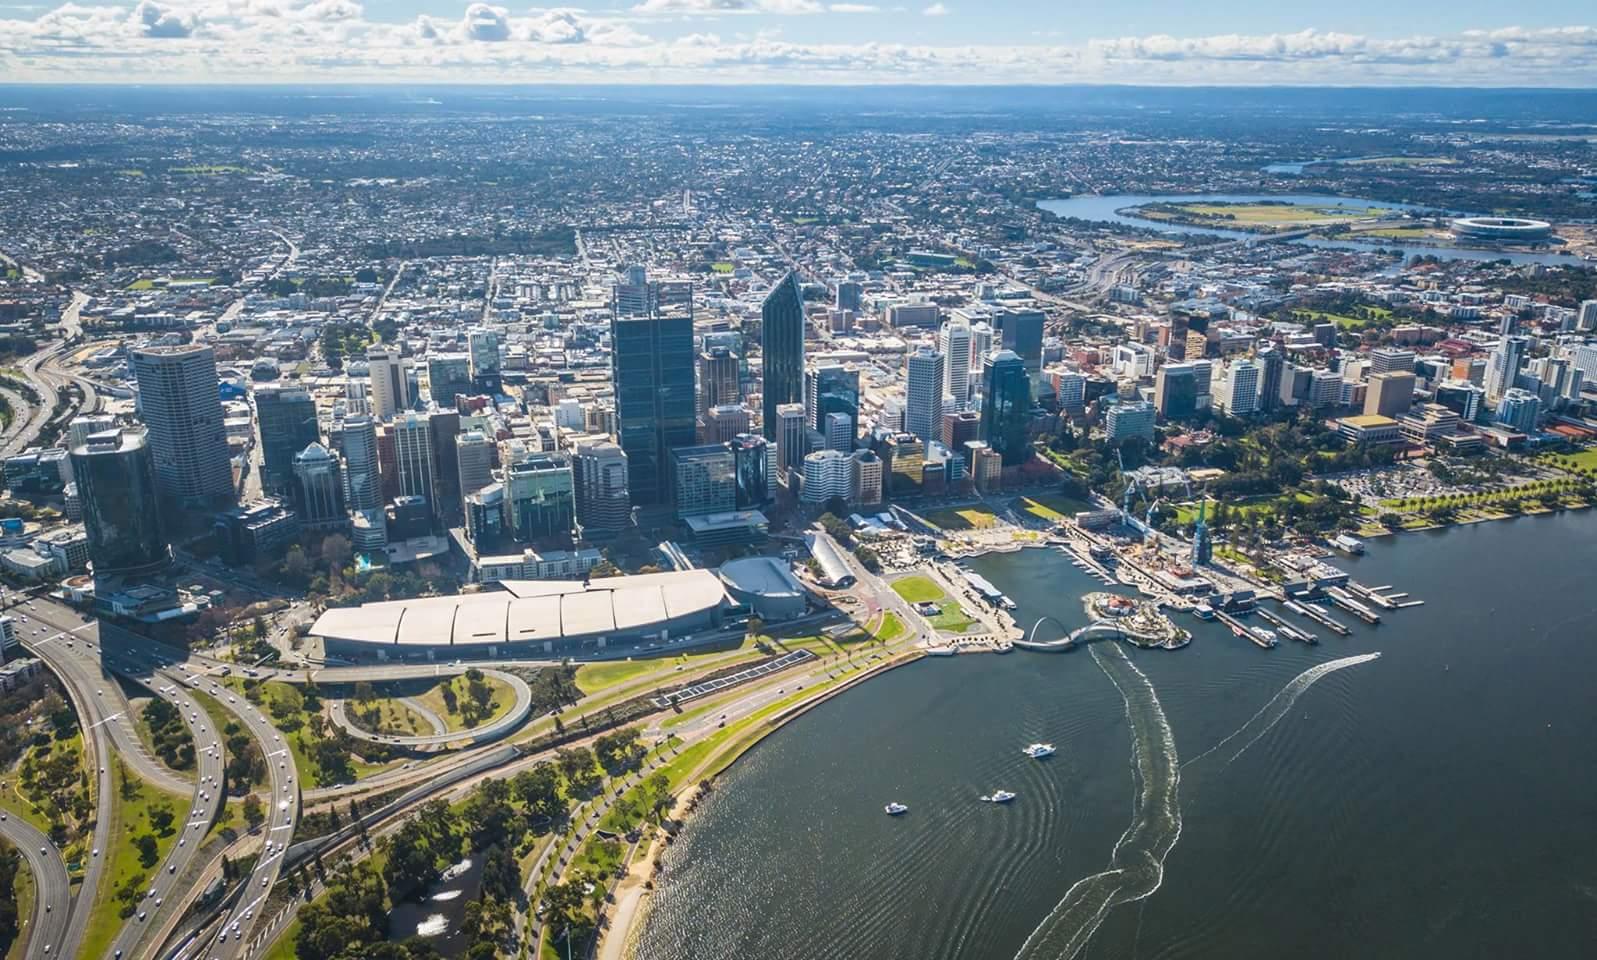 Thành phố Perth (City of Perth)